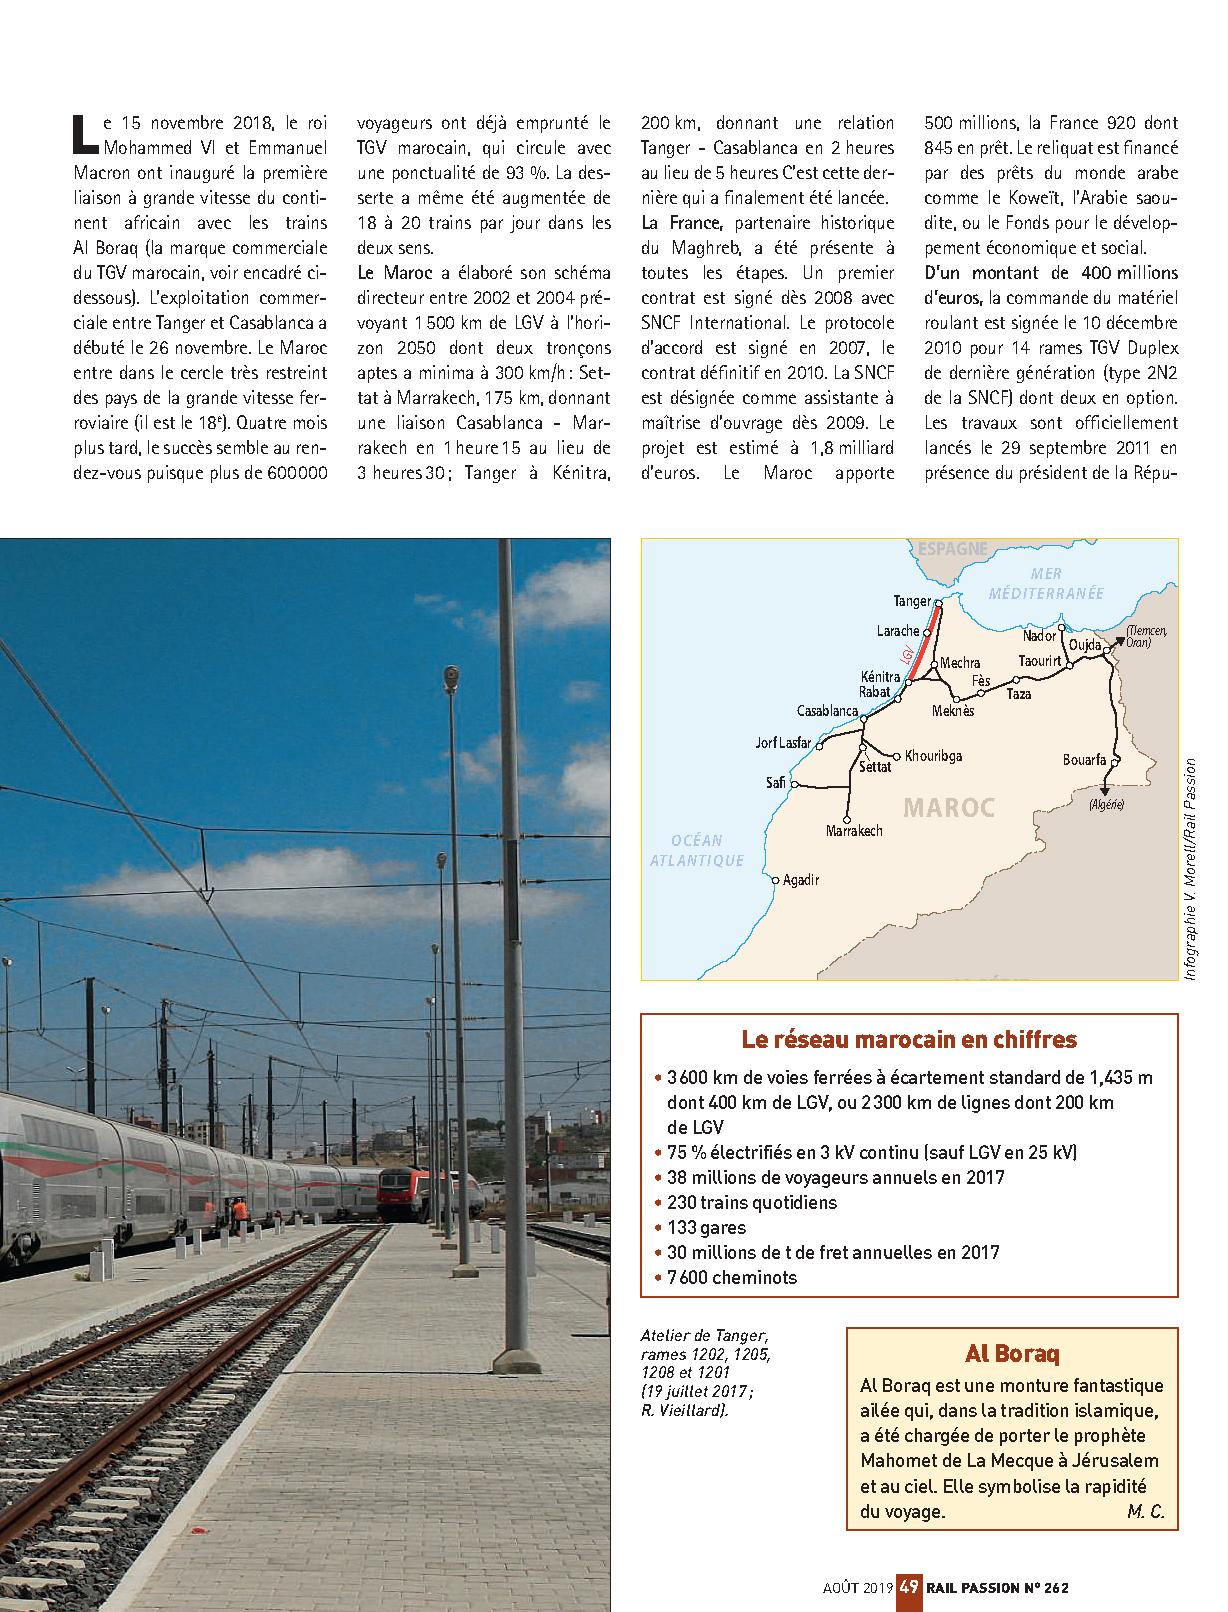 Chemins de Fer au Maroc - ONCF  - Page 3 49532056591_800a5026ff_o_d